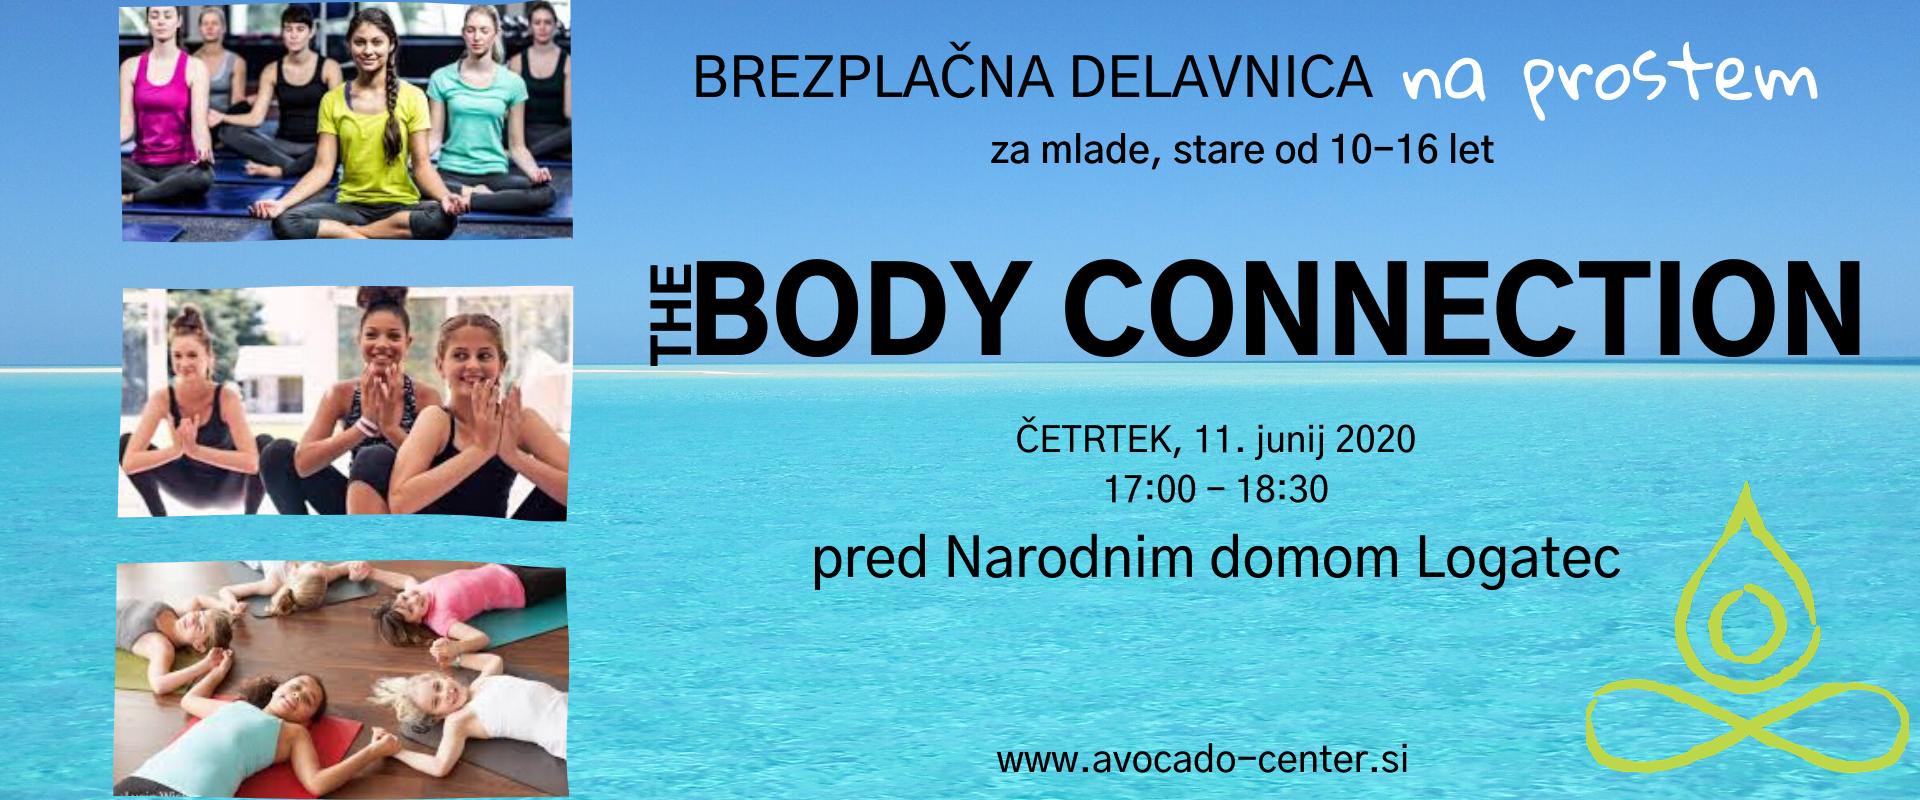 The Body Connection - joga za najstnike poletni na prostem3